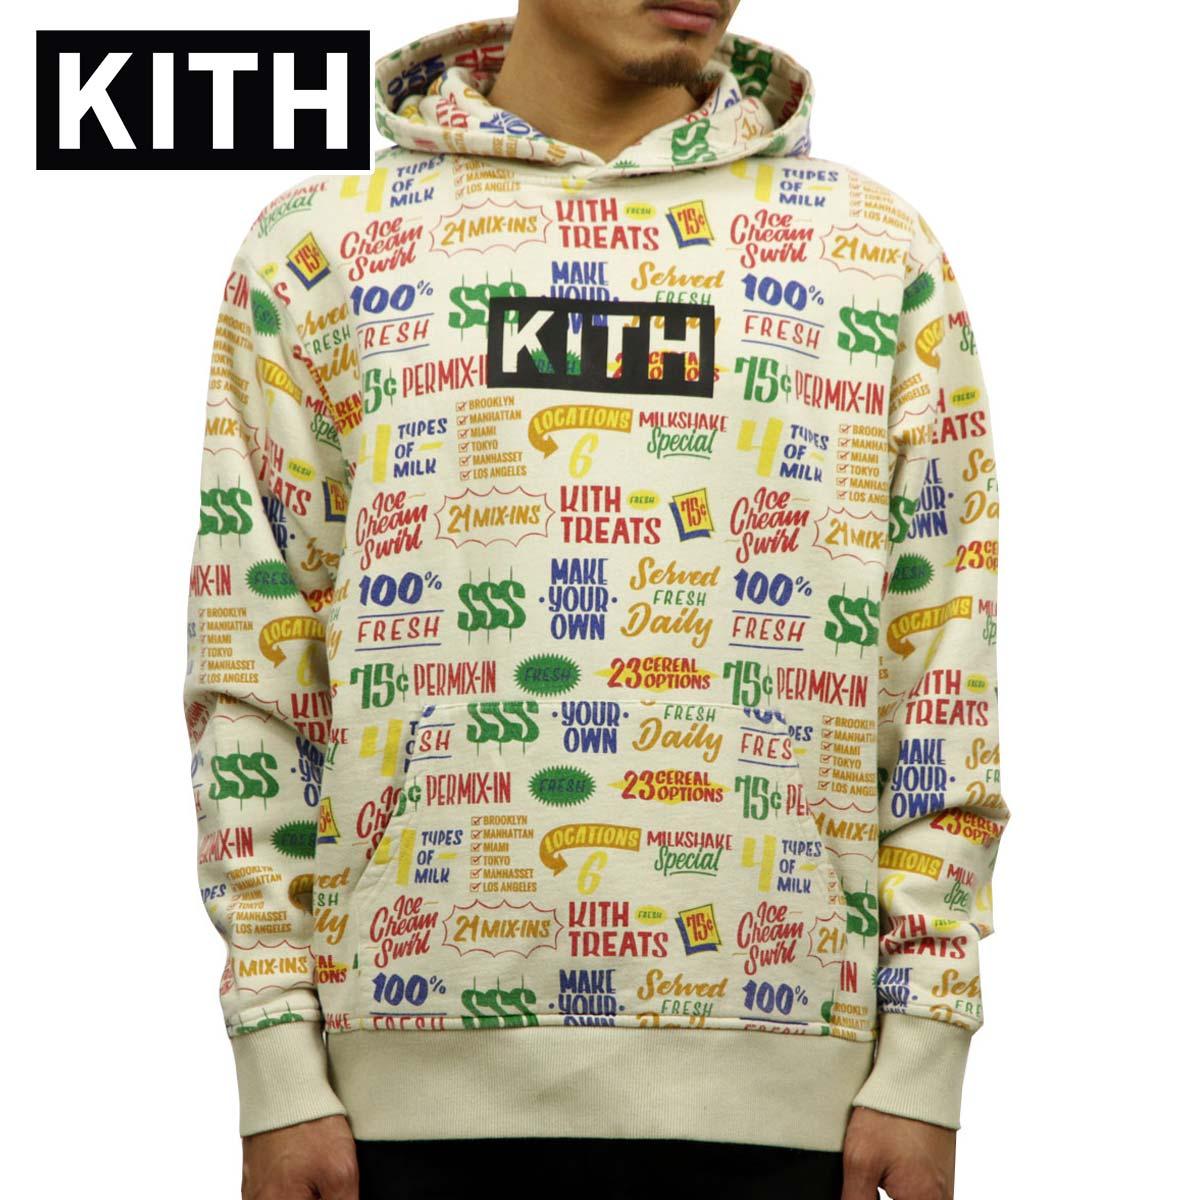 キス KITH 正規品 メンズ プルオーバーパーカー KITH TREATS CIRCULAR HOODIE KH2243-104 TURTLE DOVE